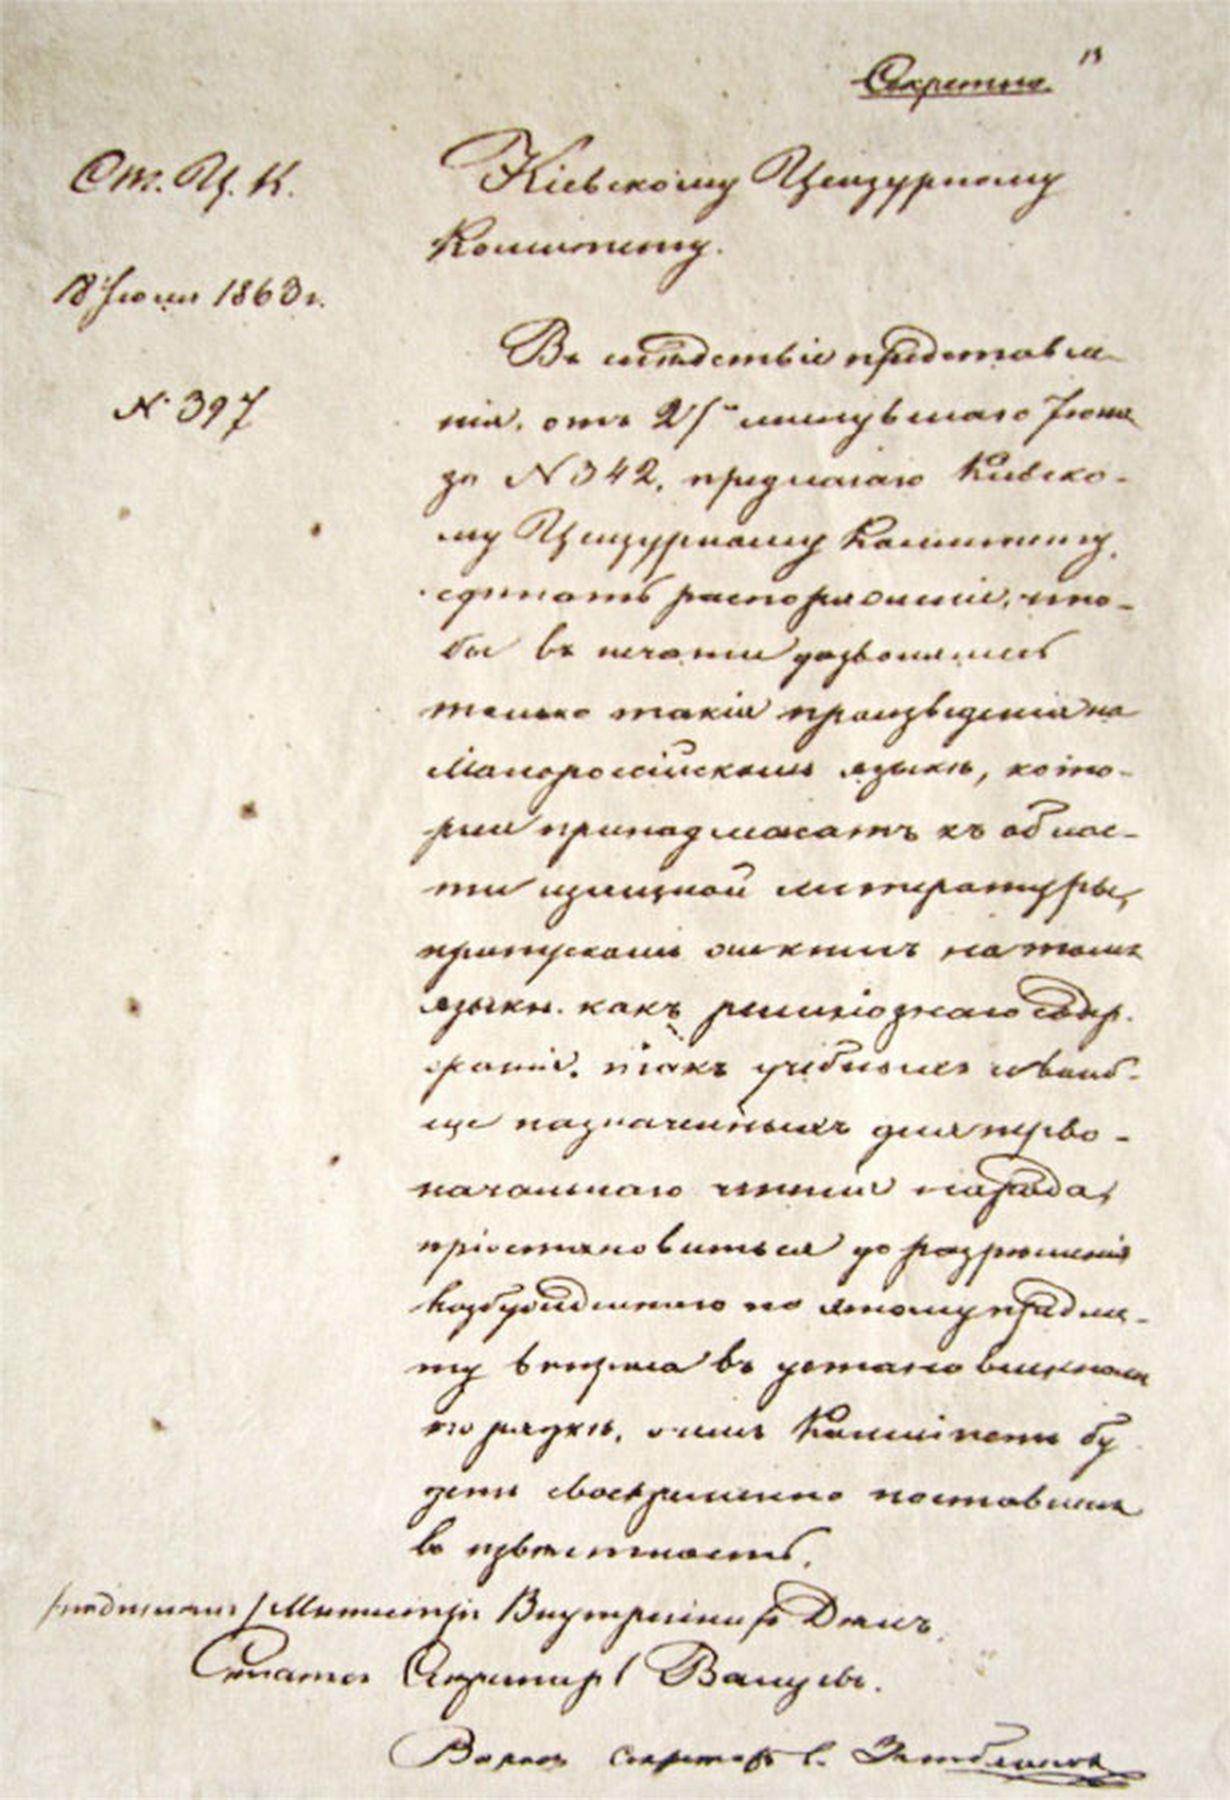 Circolare Valuev - 1863